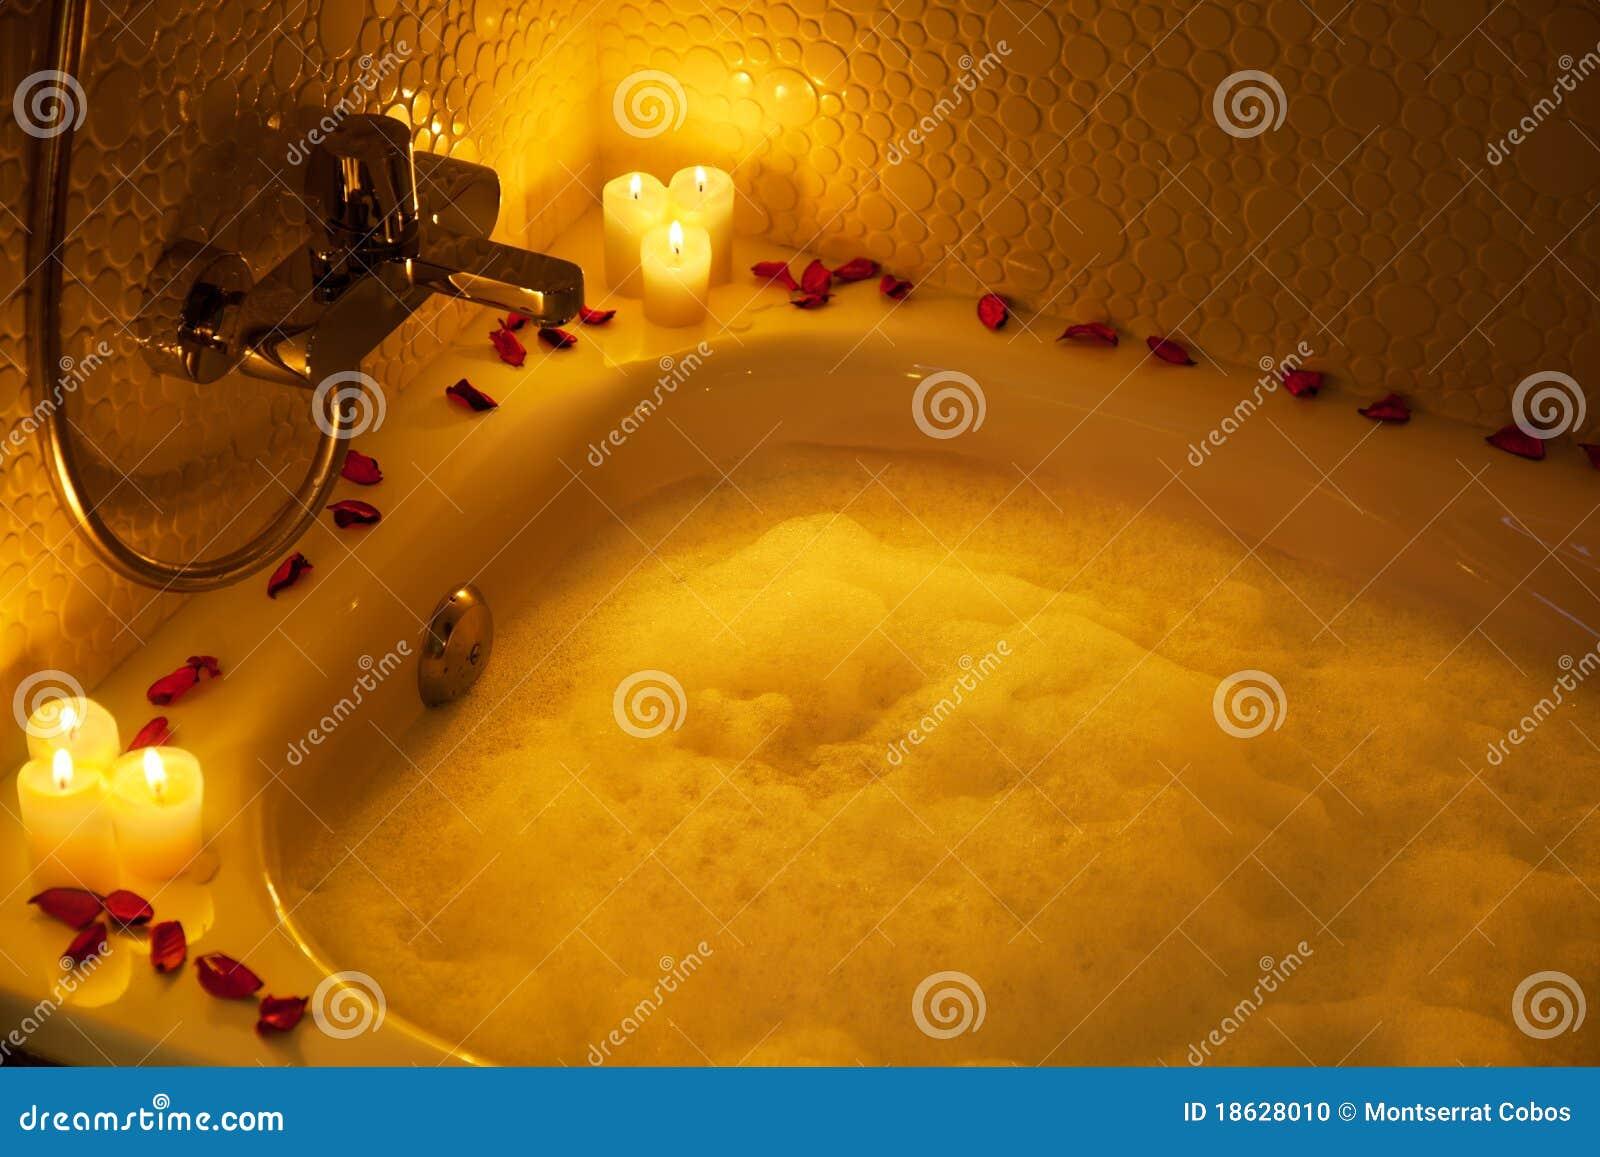 Vasca da bagno romantica fotografia stock immagine 18628010 - Candele da bagno ...